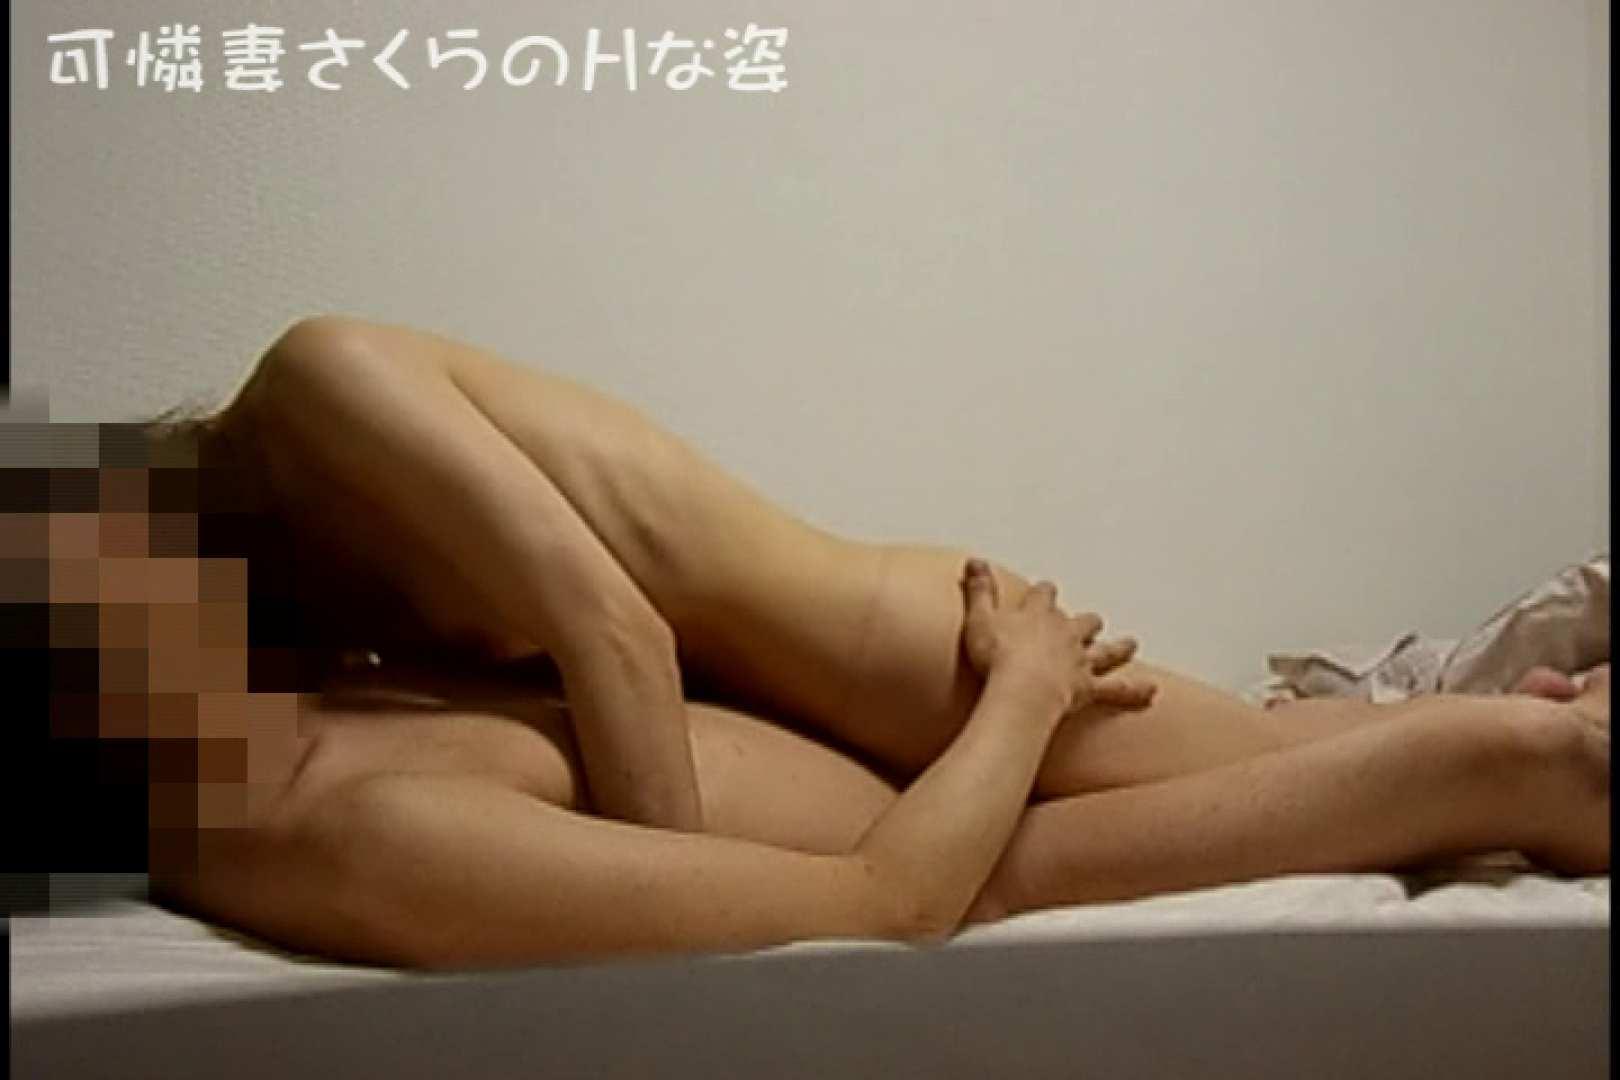 可憐妻さくらのHな姿vol.3 ギャル達のセックス | OL裸体  65画像 32